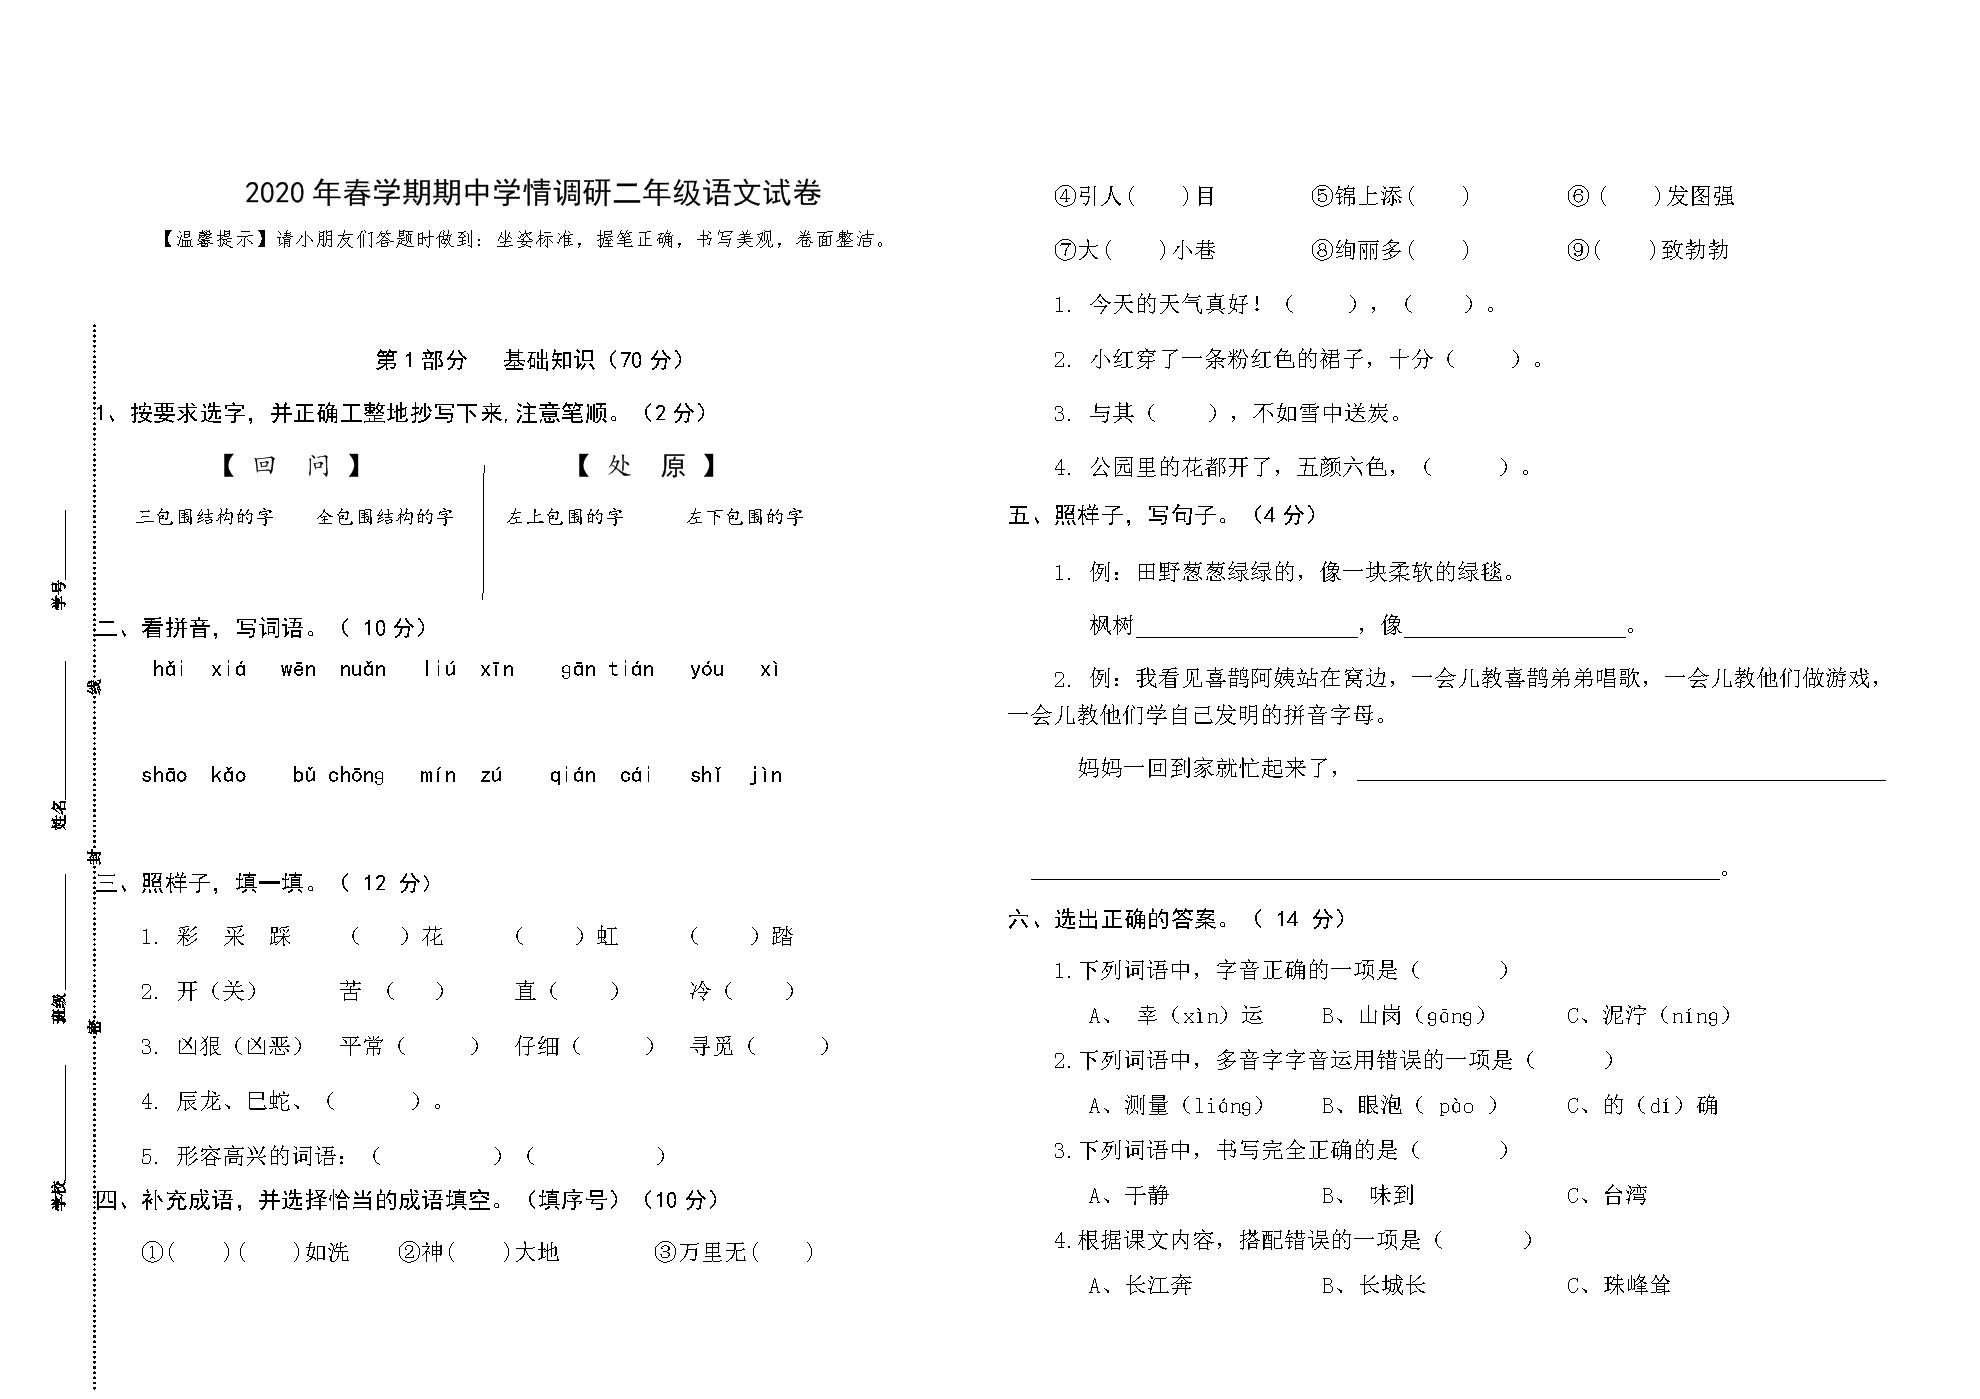 (真题)2020春学期期中学情调研二年级语文试卷(有答案).docx